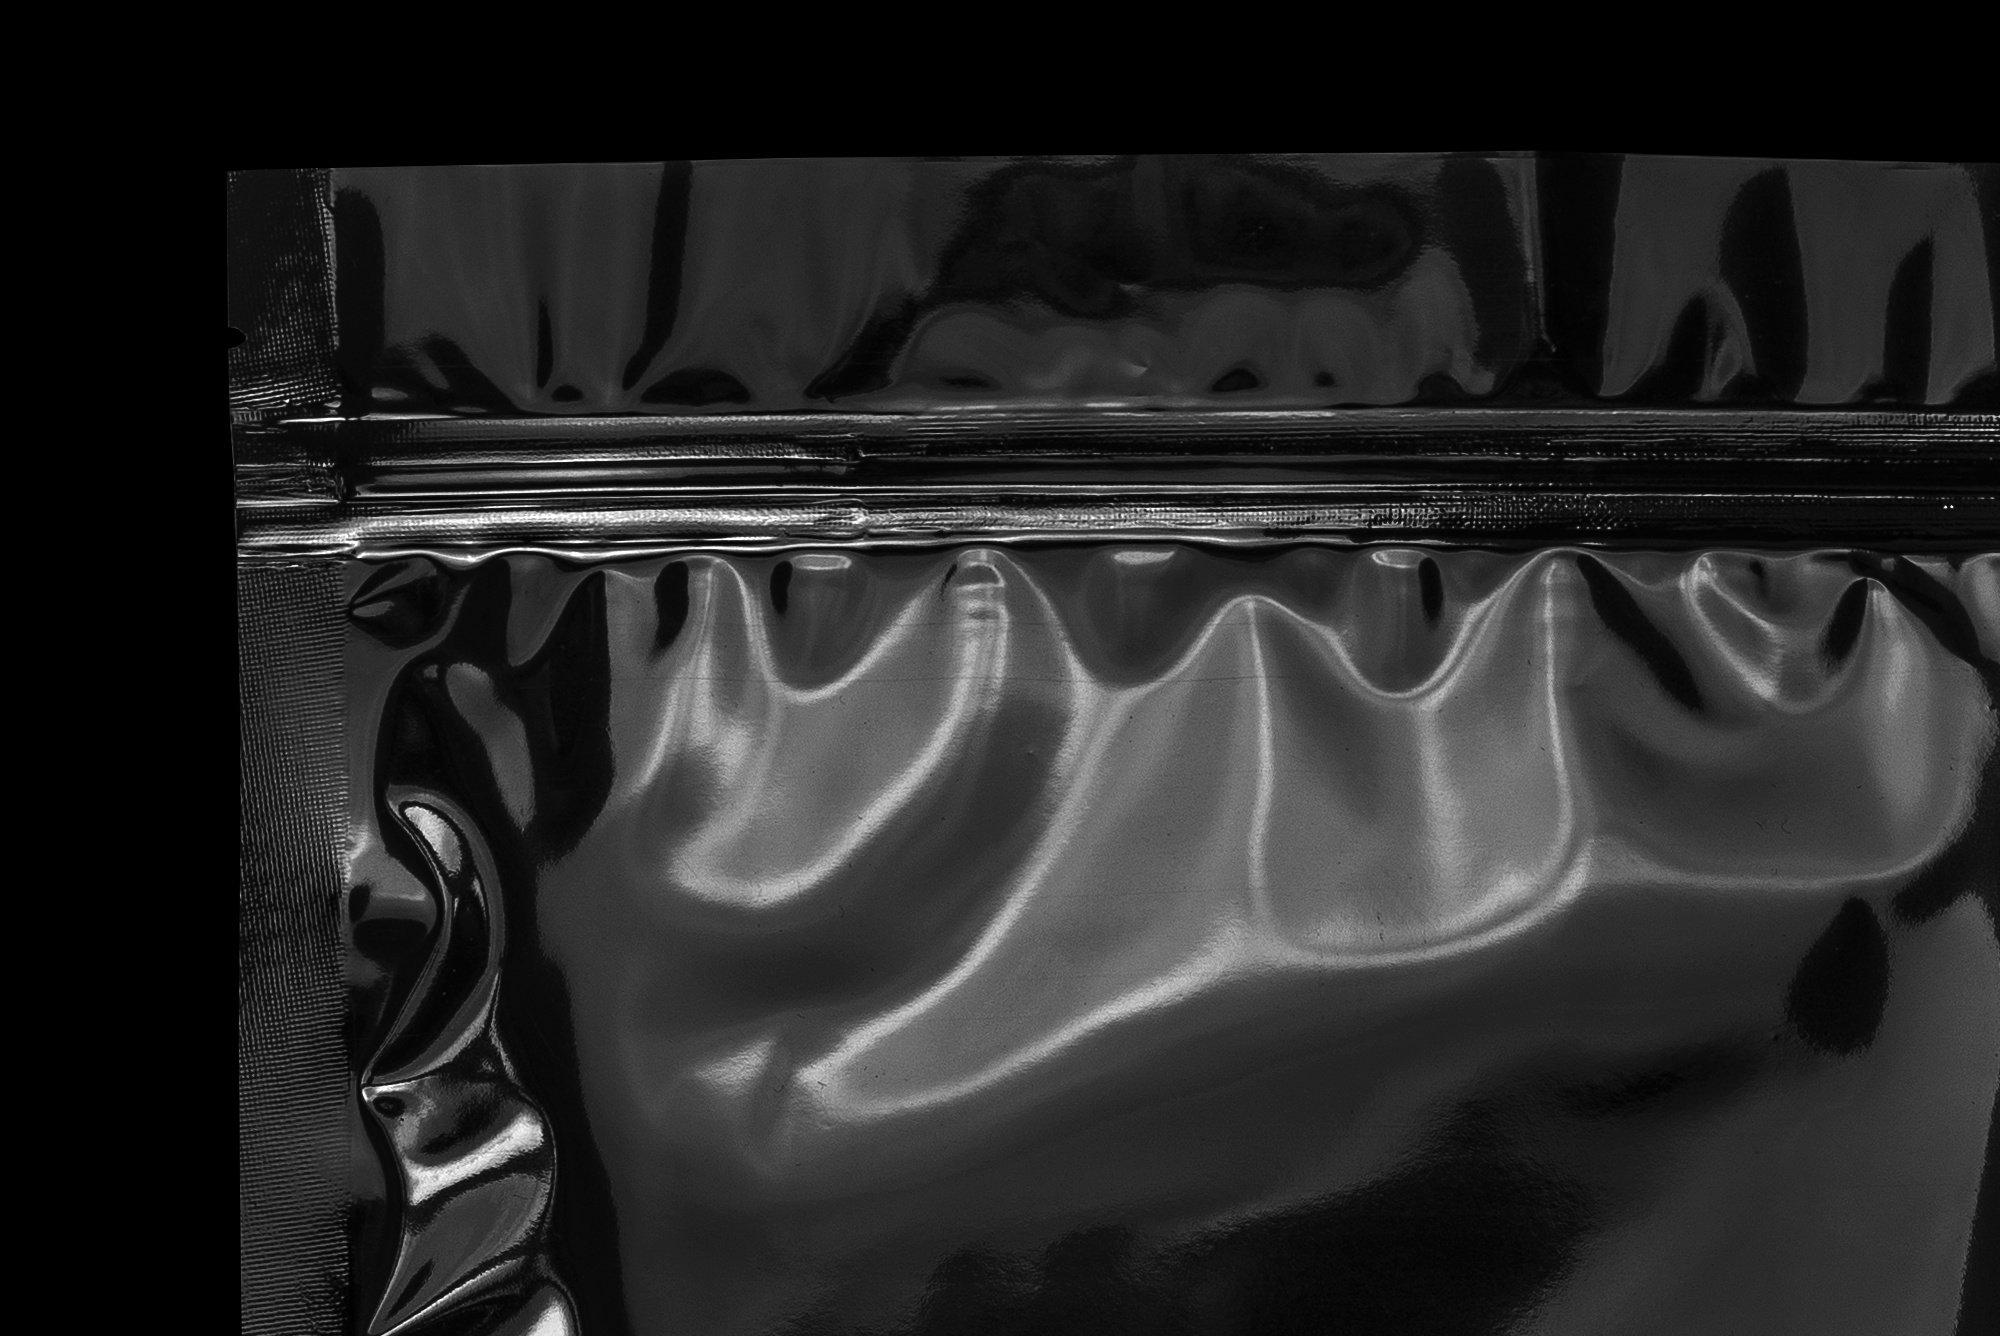 超酷新潮黑色独特逼真文具塑料褶皱塑料袋纹理PSD模板(4352)插图(10)